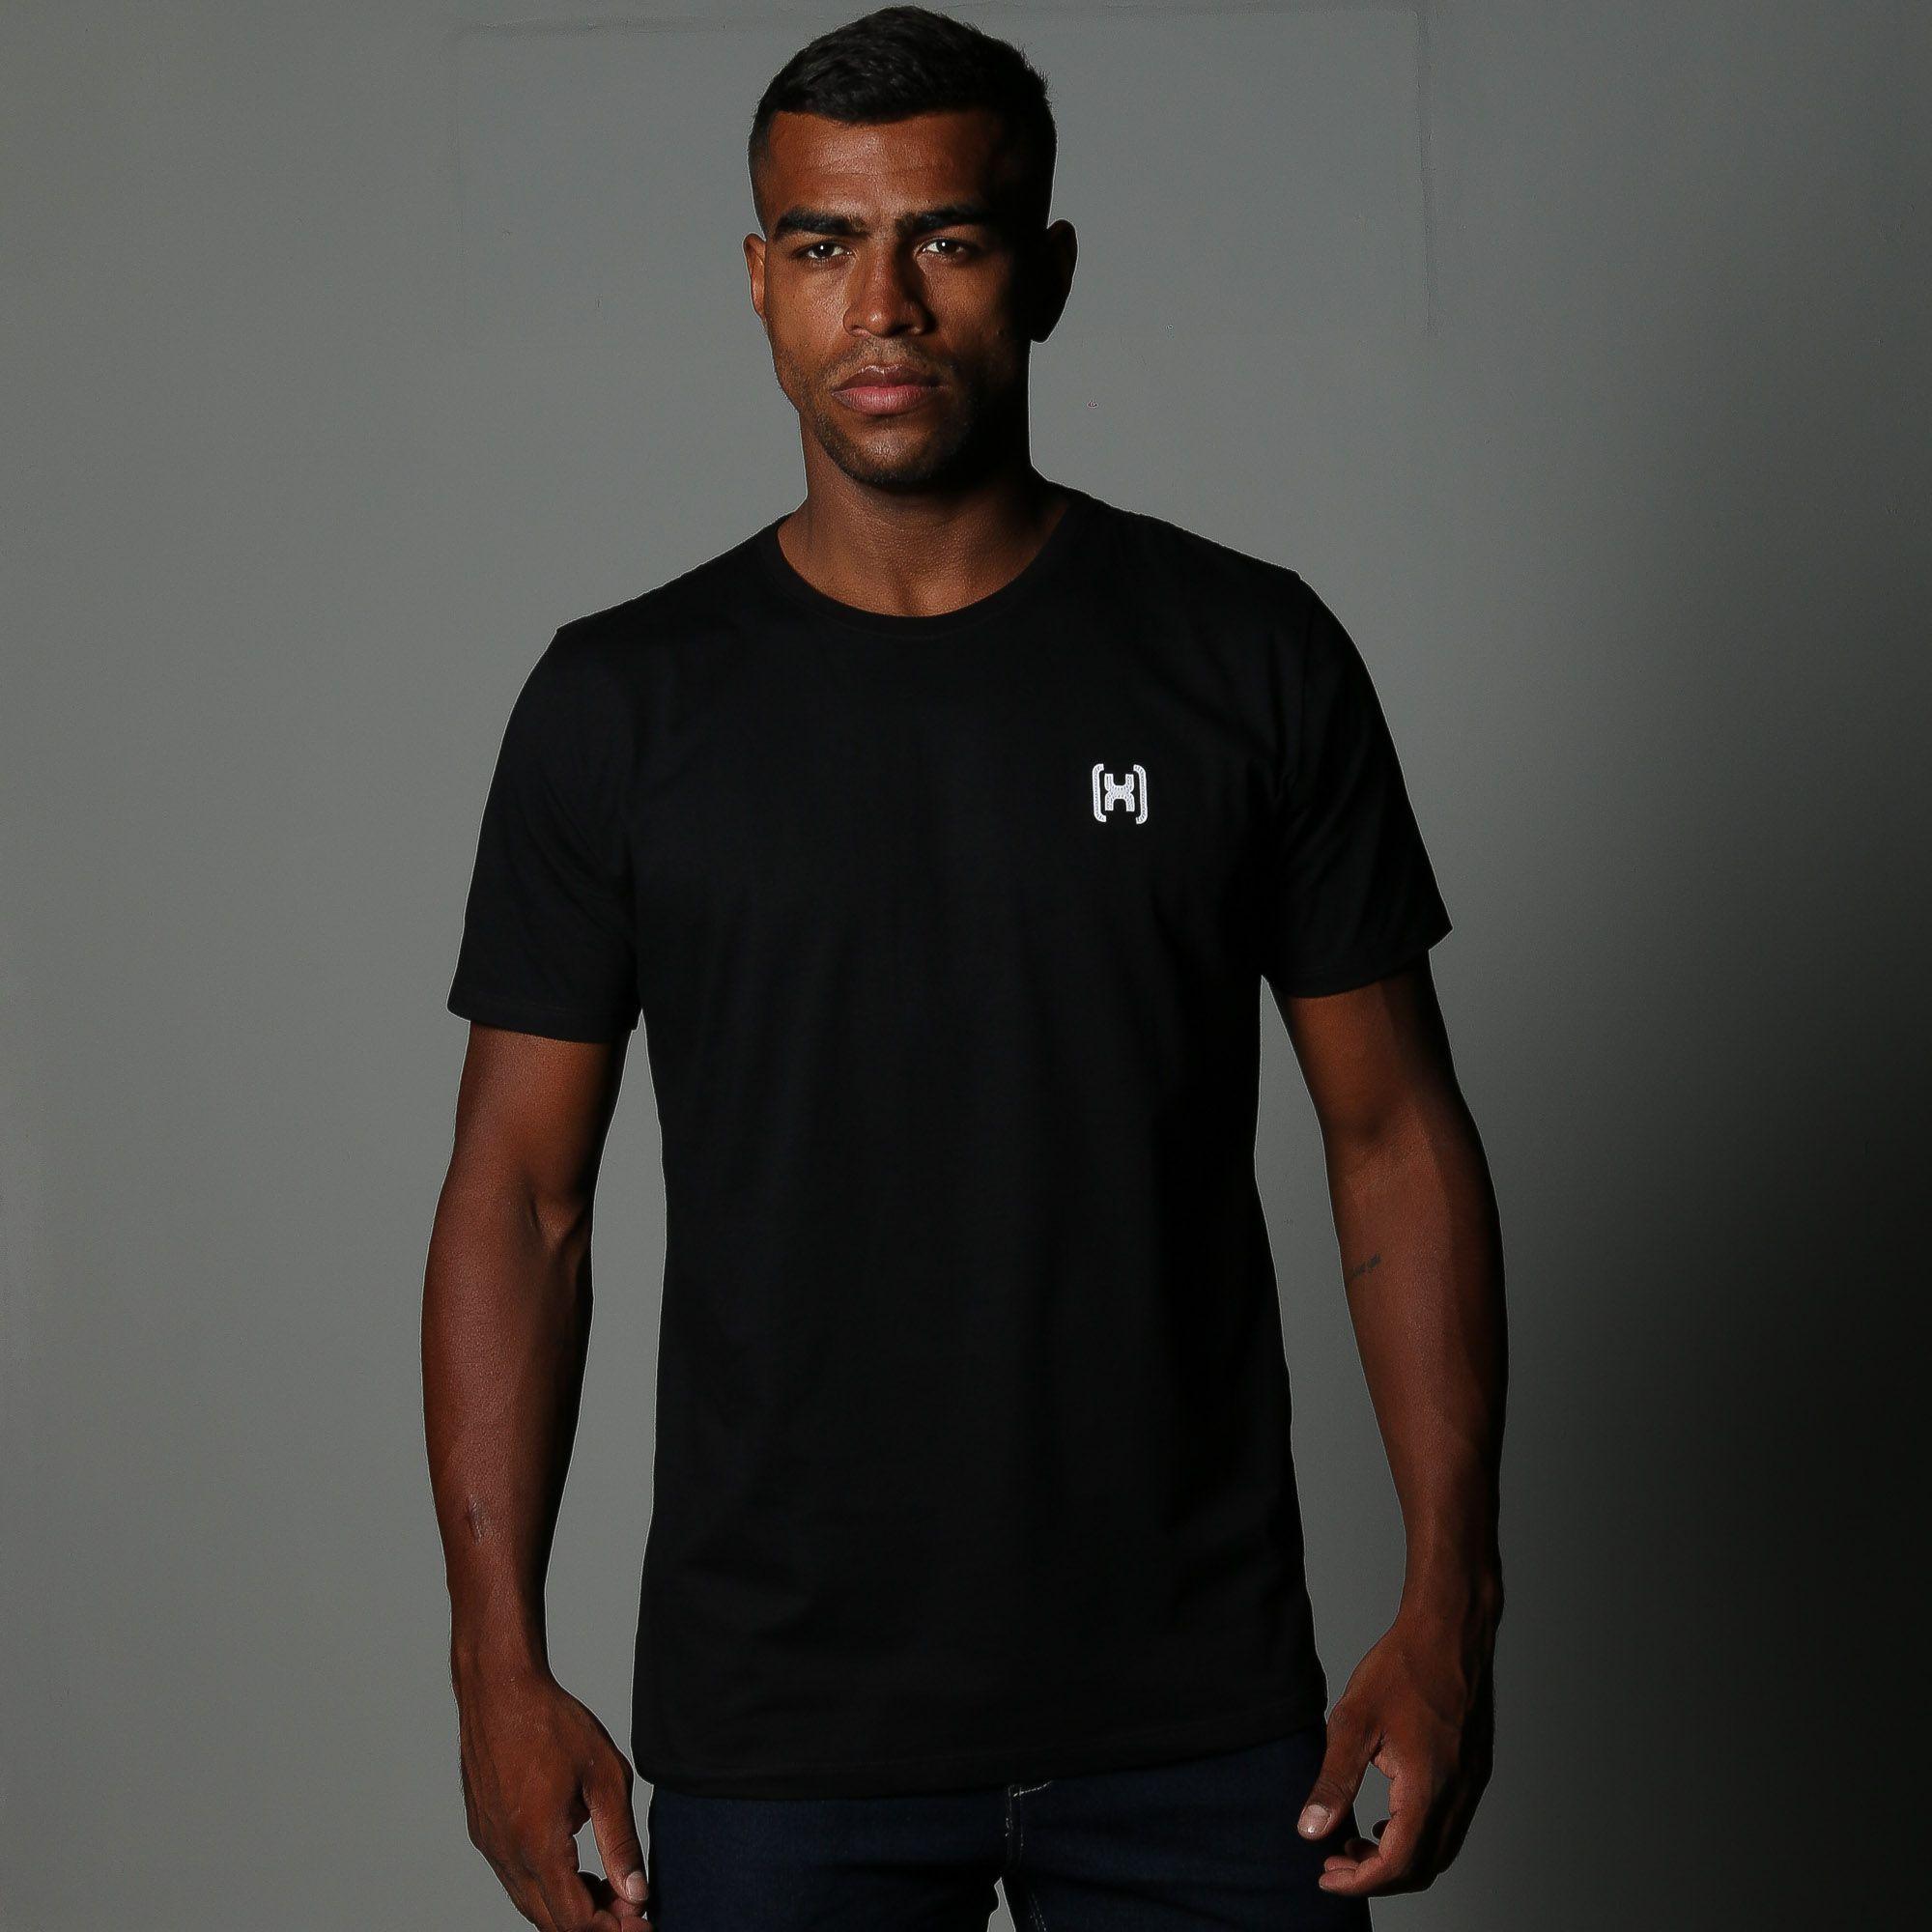 Camiseta TXC Brand 1794